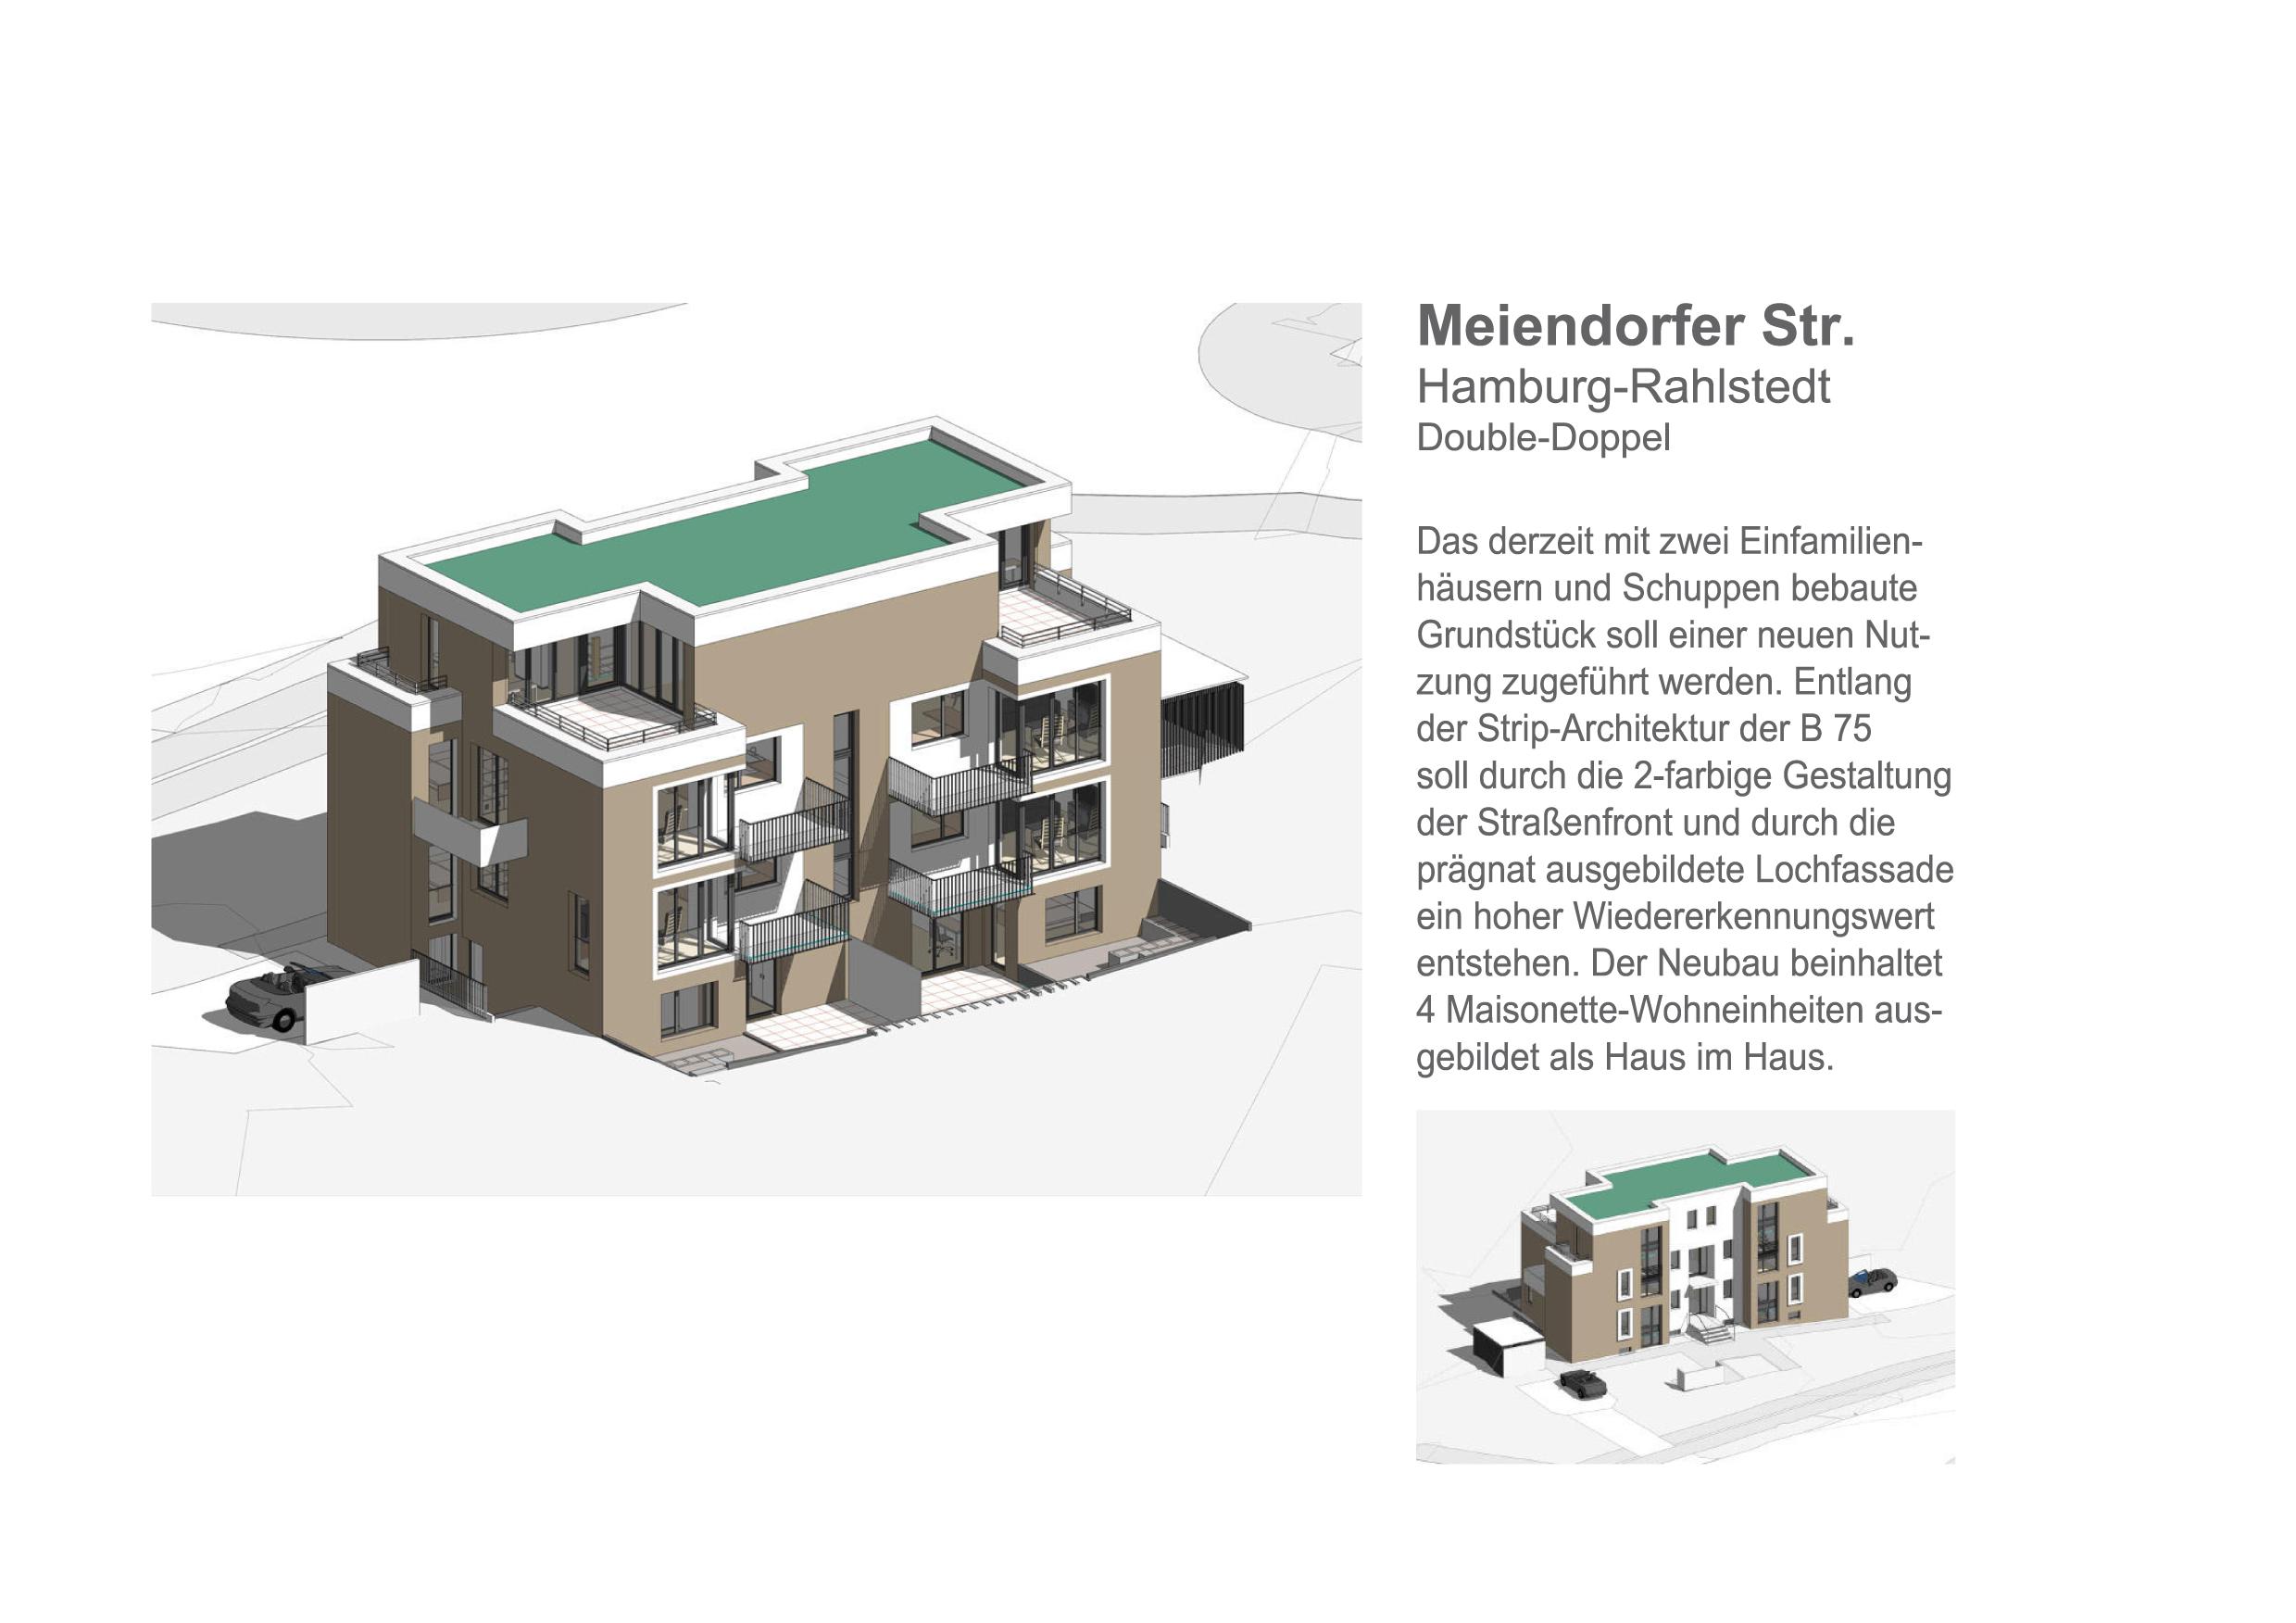 Meiendorfer-Str-Homepage-1